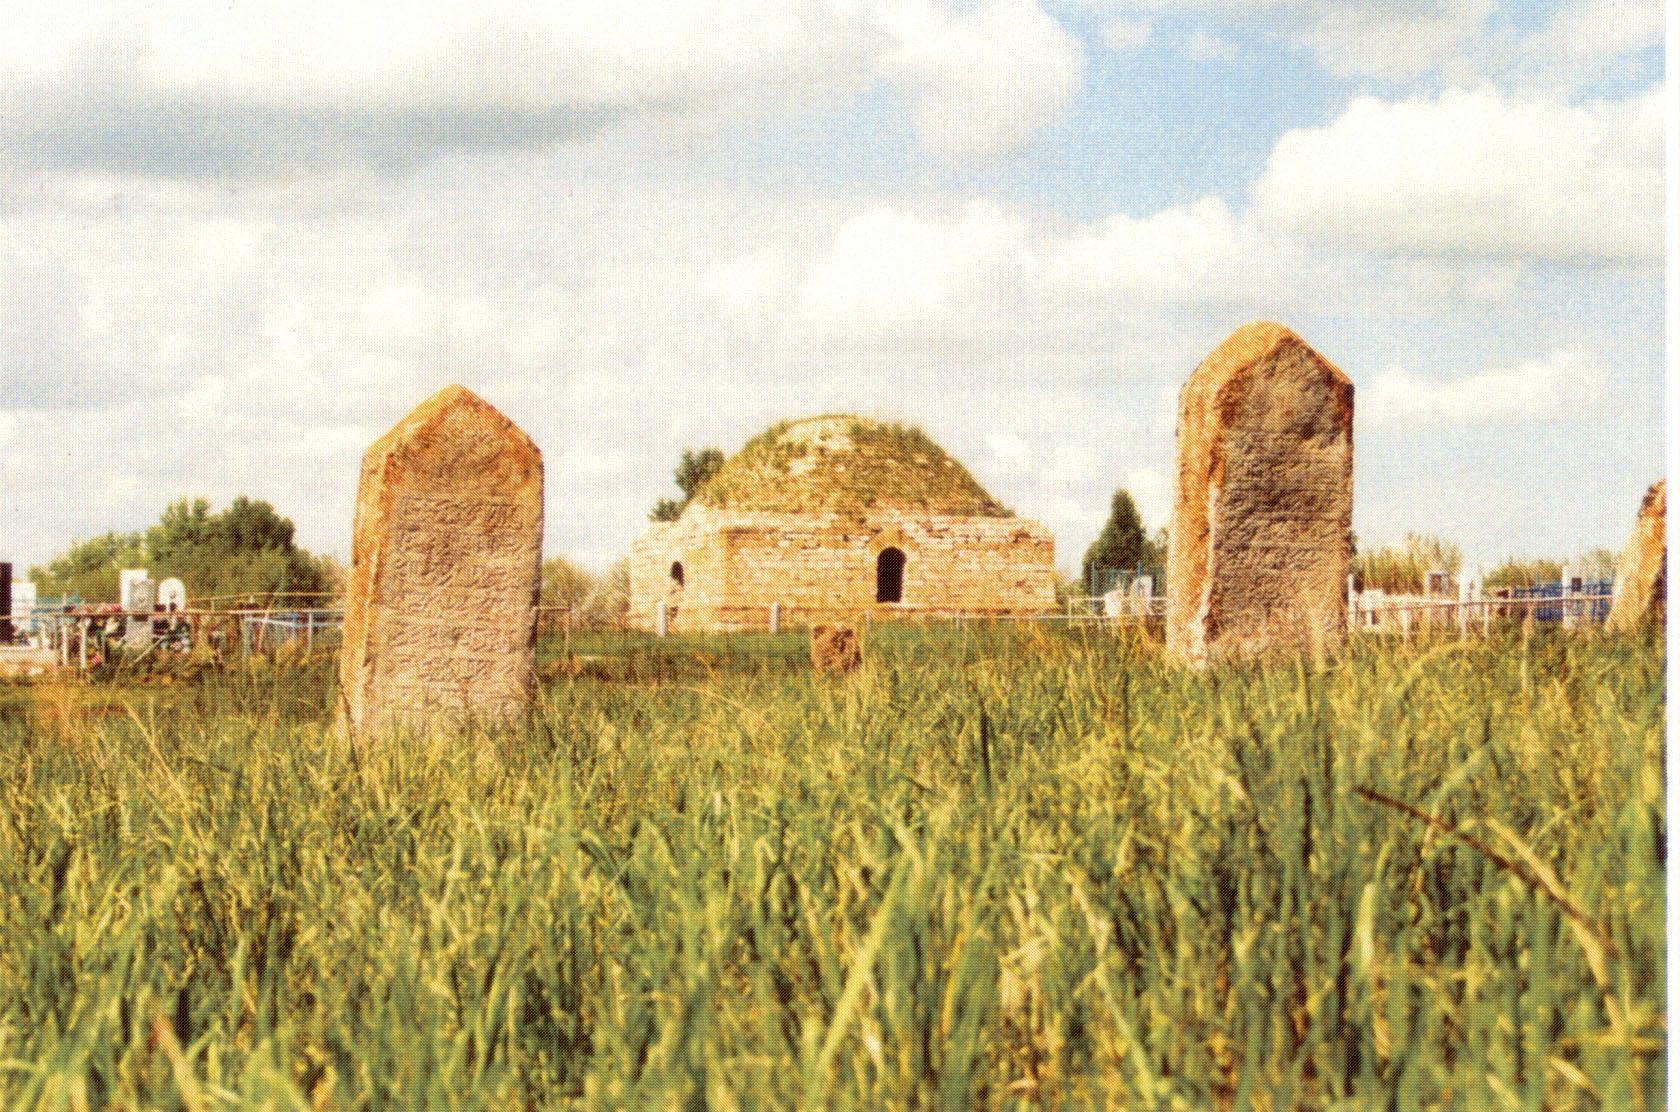 Рис. 4. Мавзолей Хусейн-бека